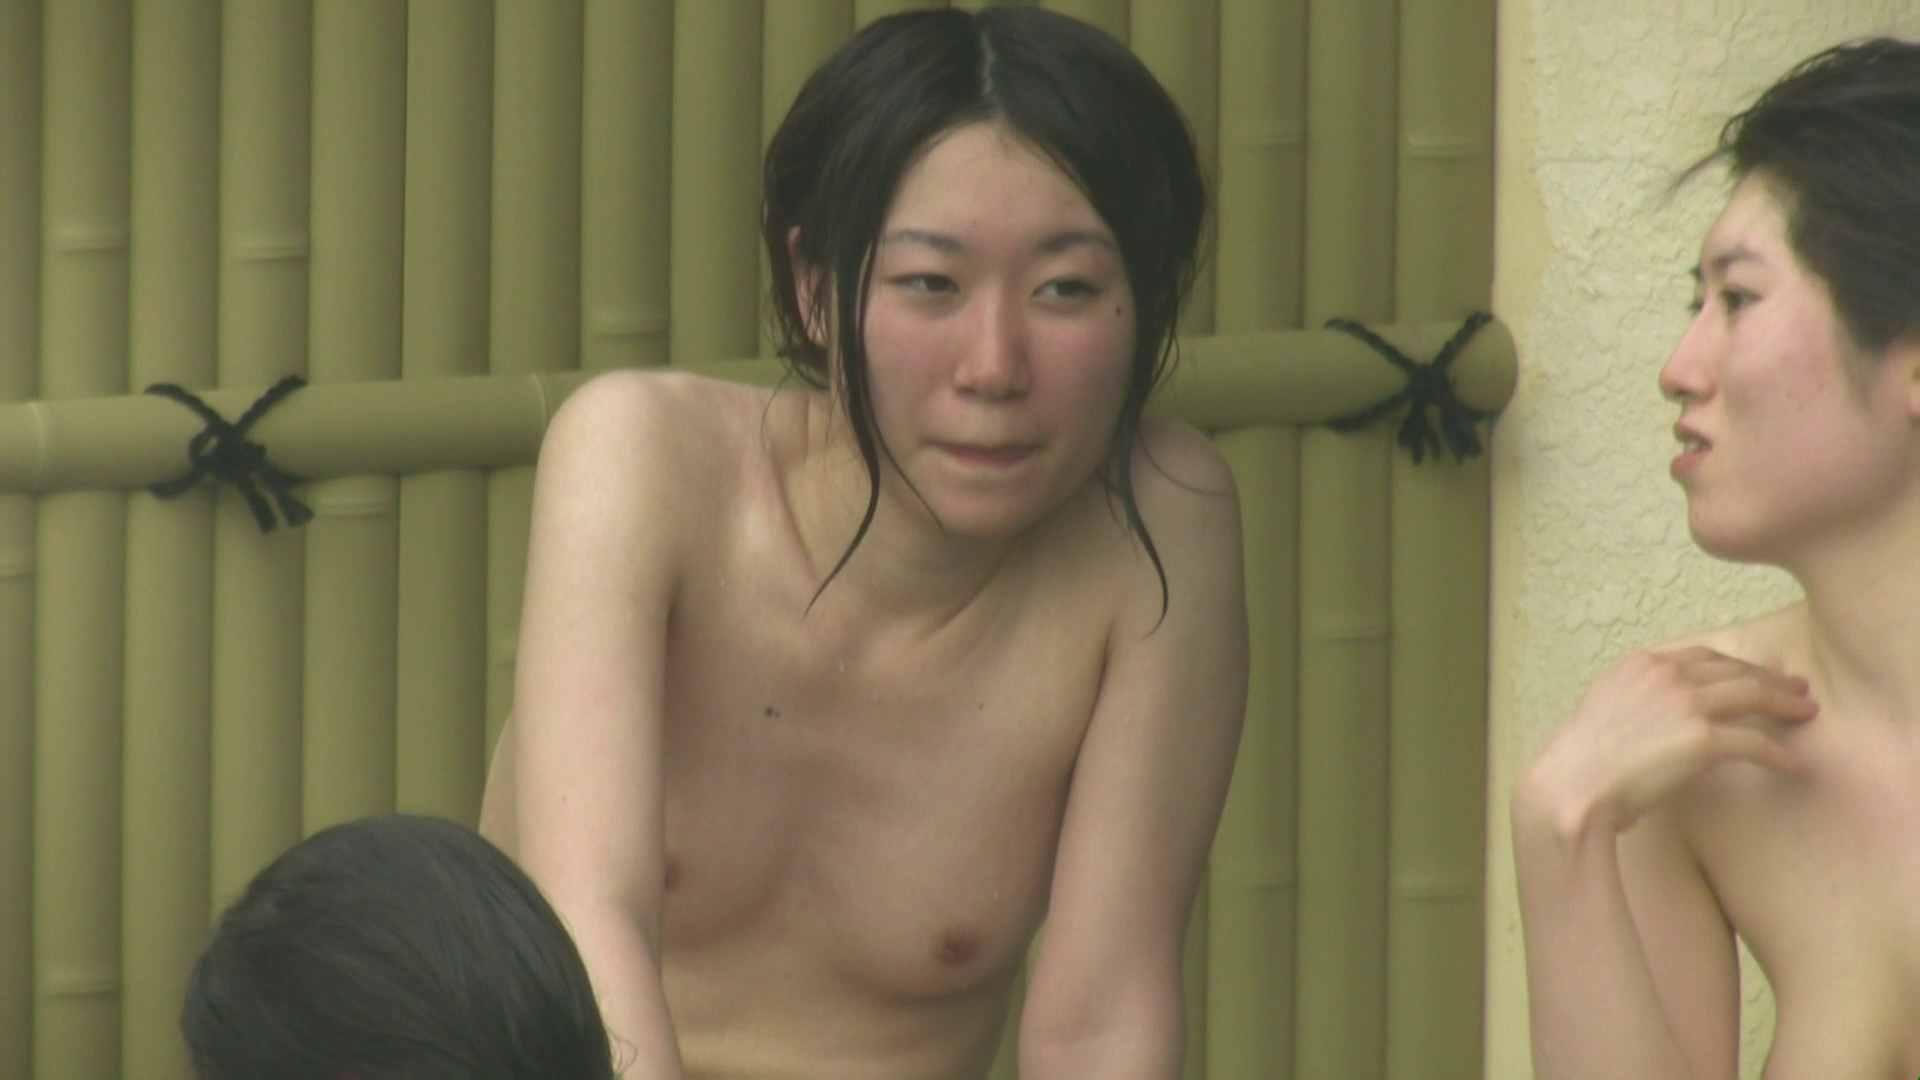 高画質露天女風呂観察 vol.025 乙女のエロ動画  88PIX 48